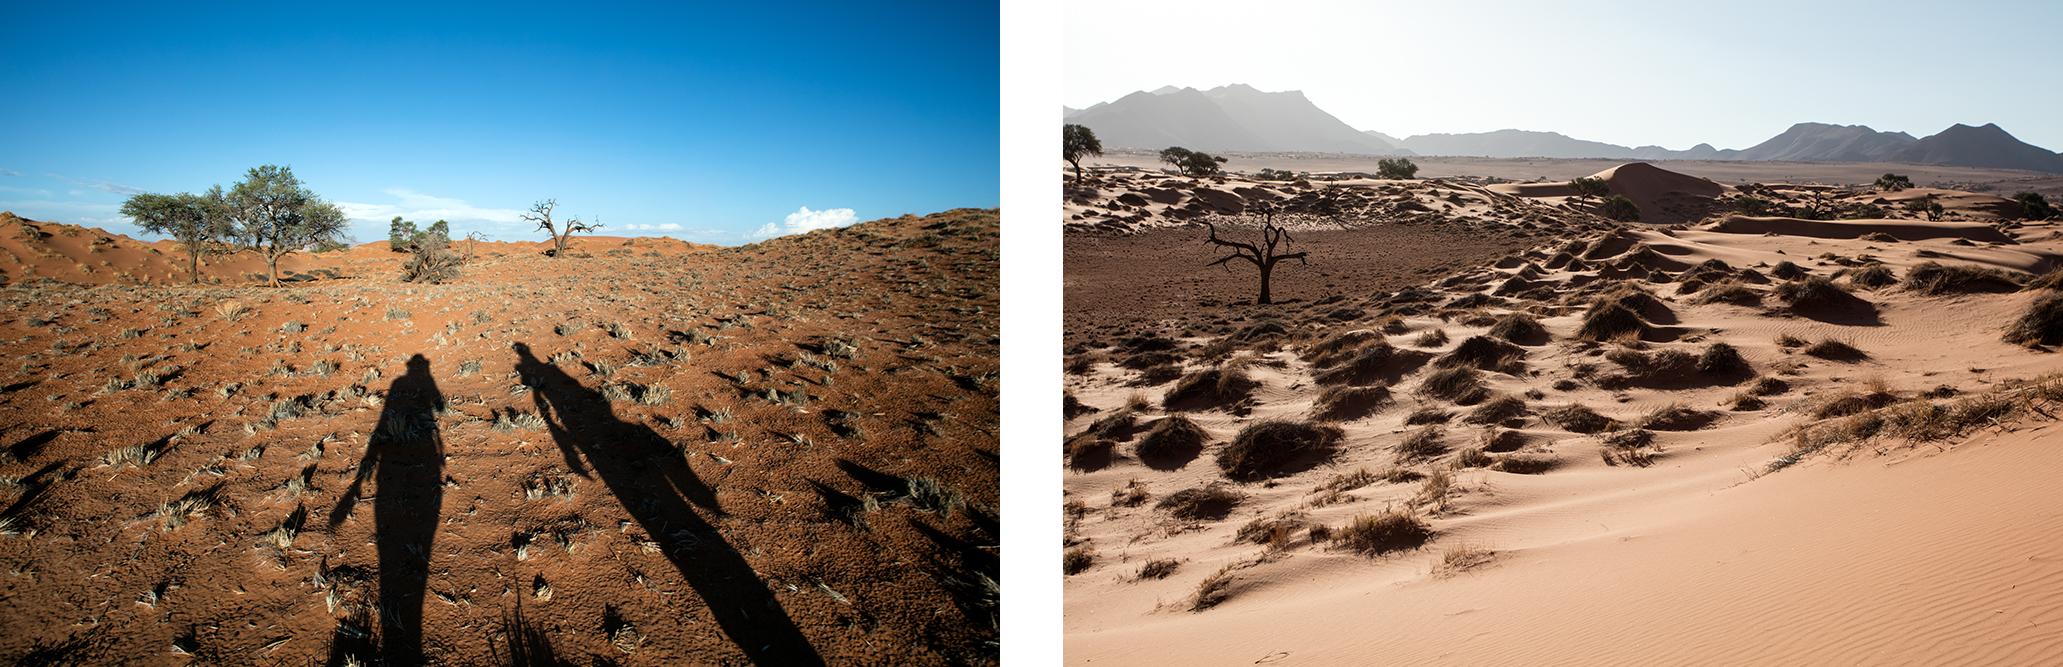 randonnee-namibie-namibrand-blog